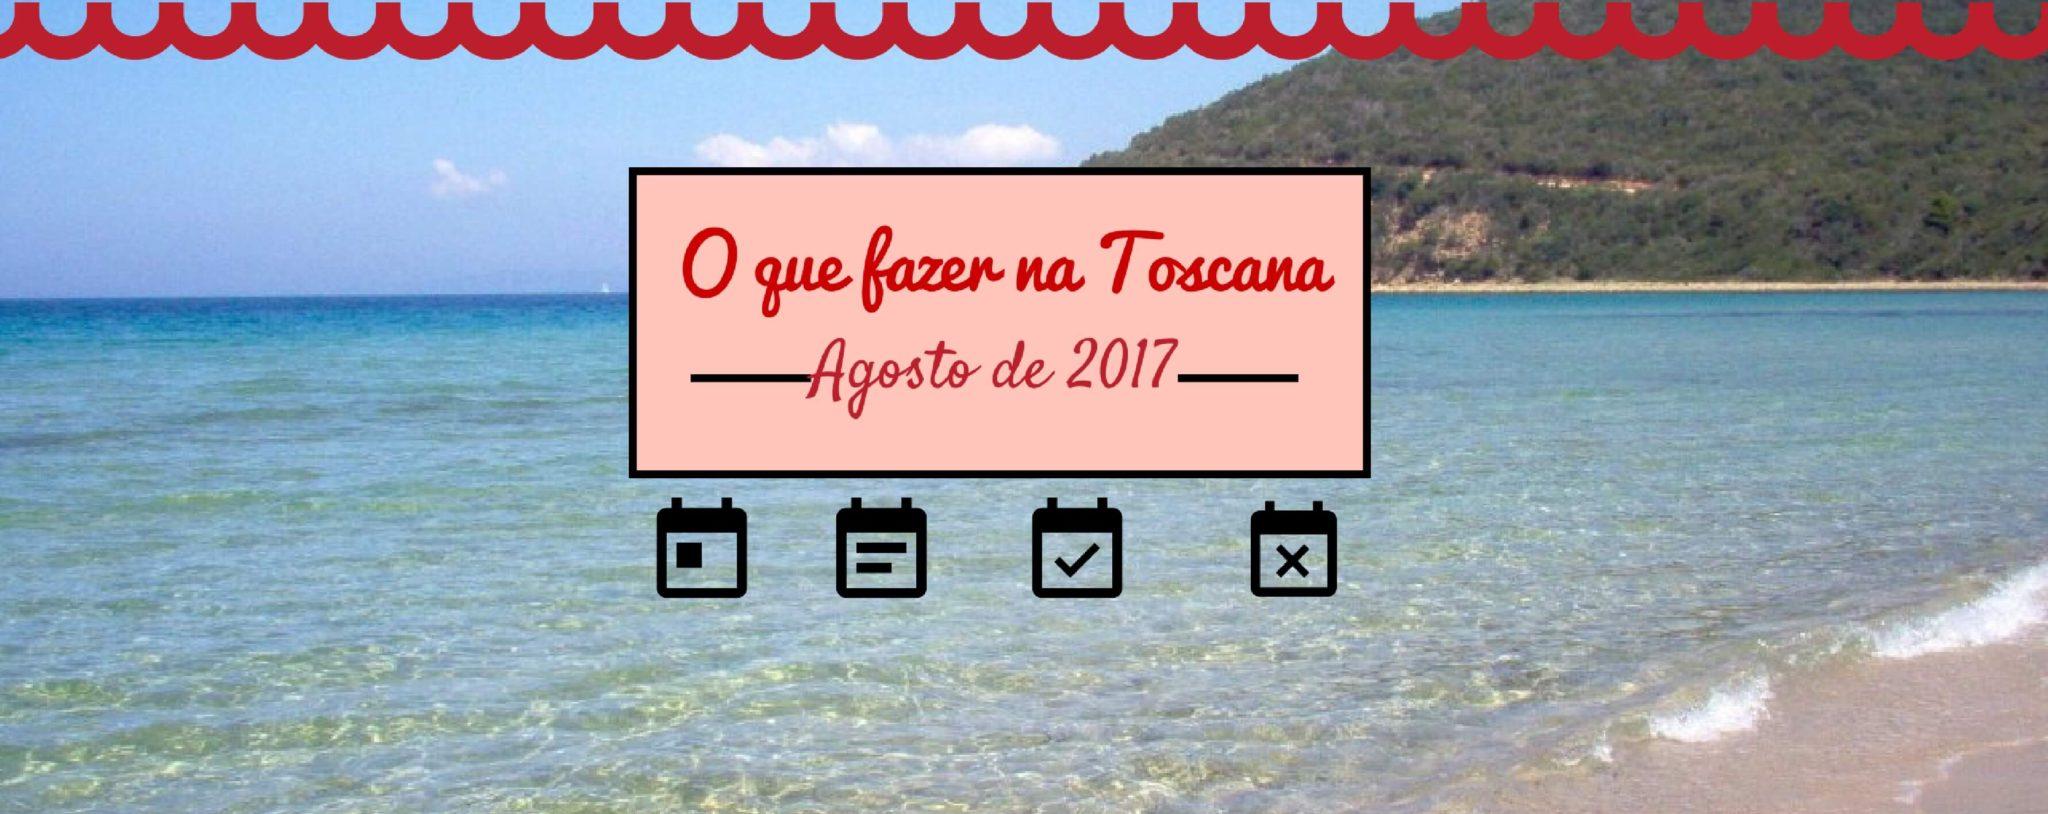 Calendário de eventos em agosto na Toscana 8df617ef0925b